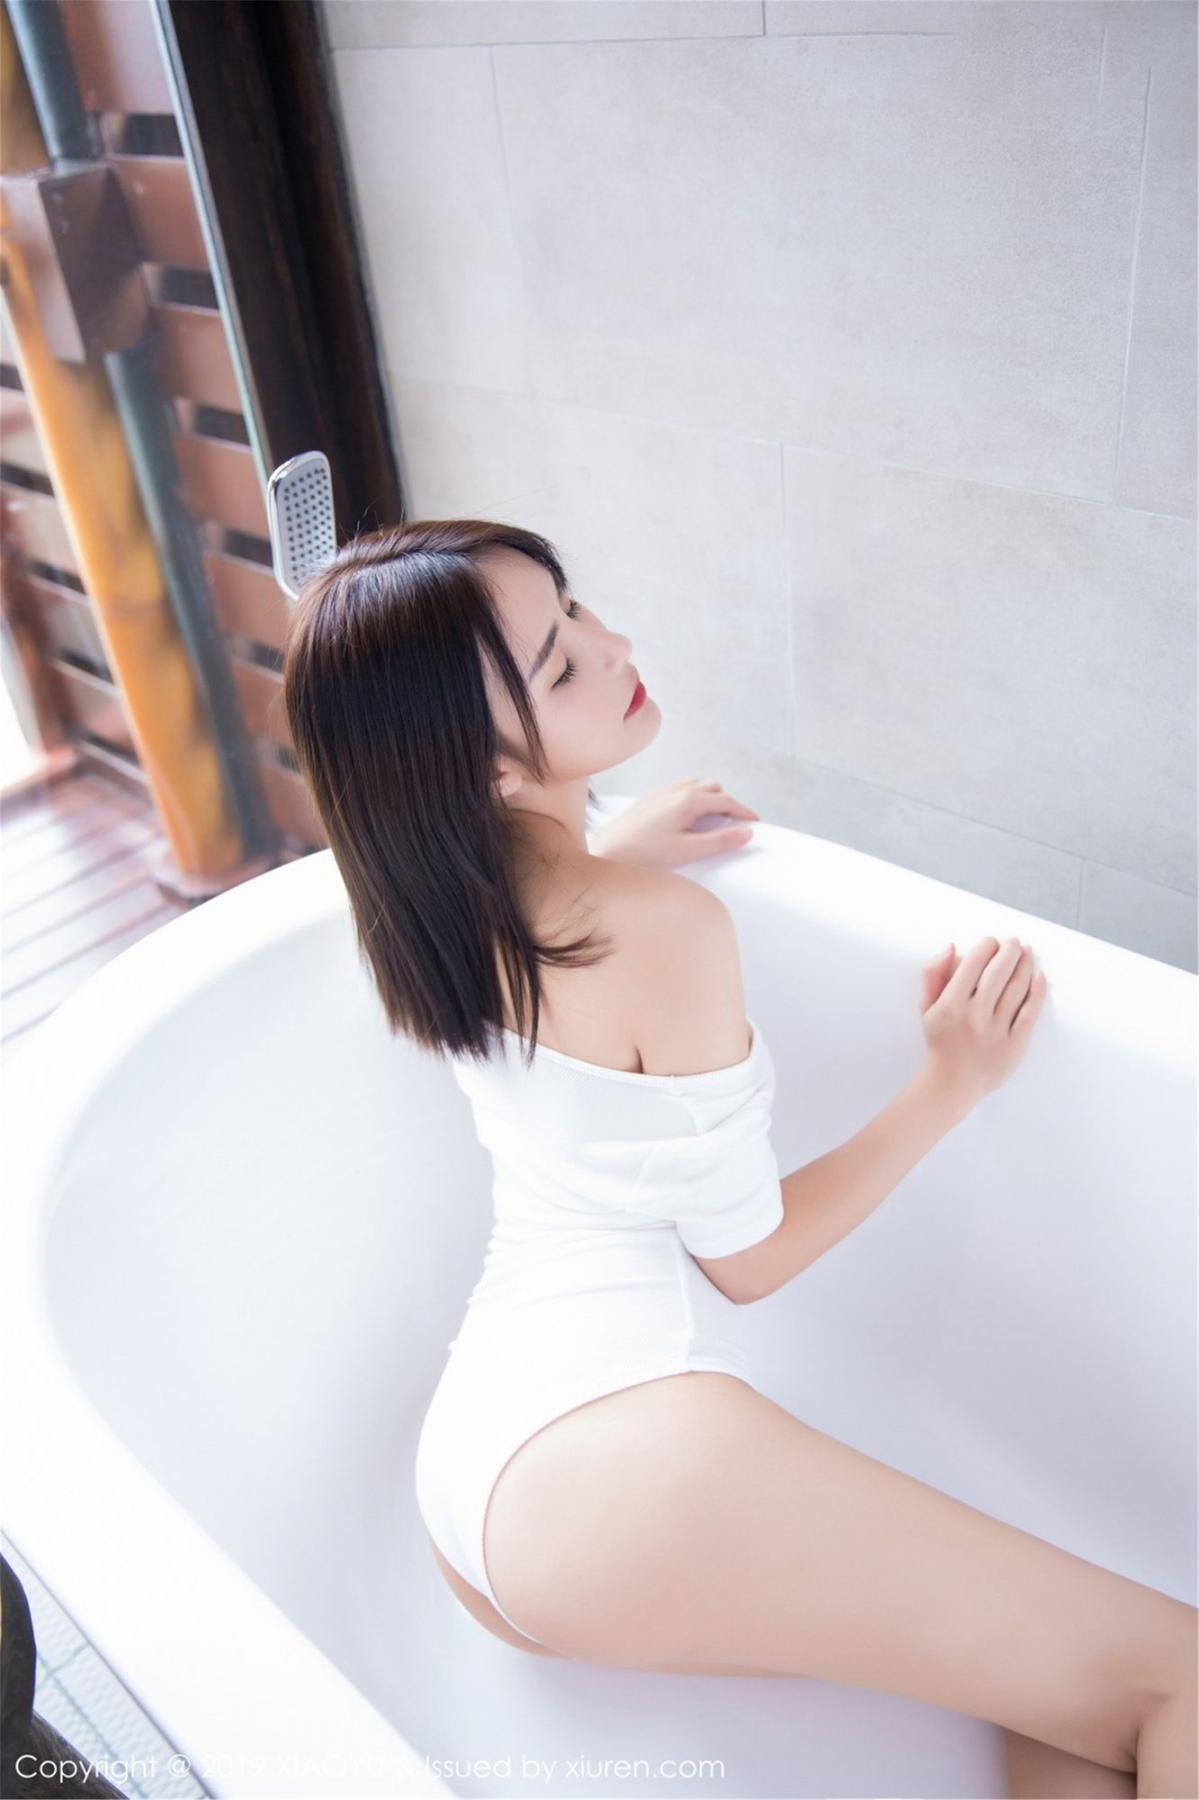 [XiaoYu] Vol.060 Xiao Mo Lin 32P, Bathroom, Lin Lin Ailin, Wet, XiaoYu